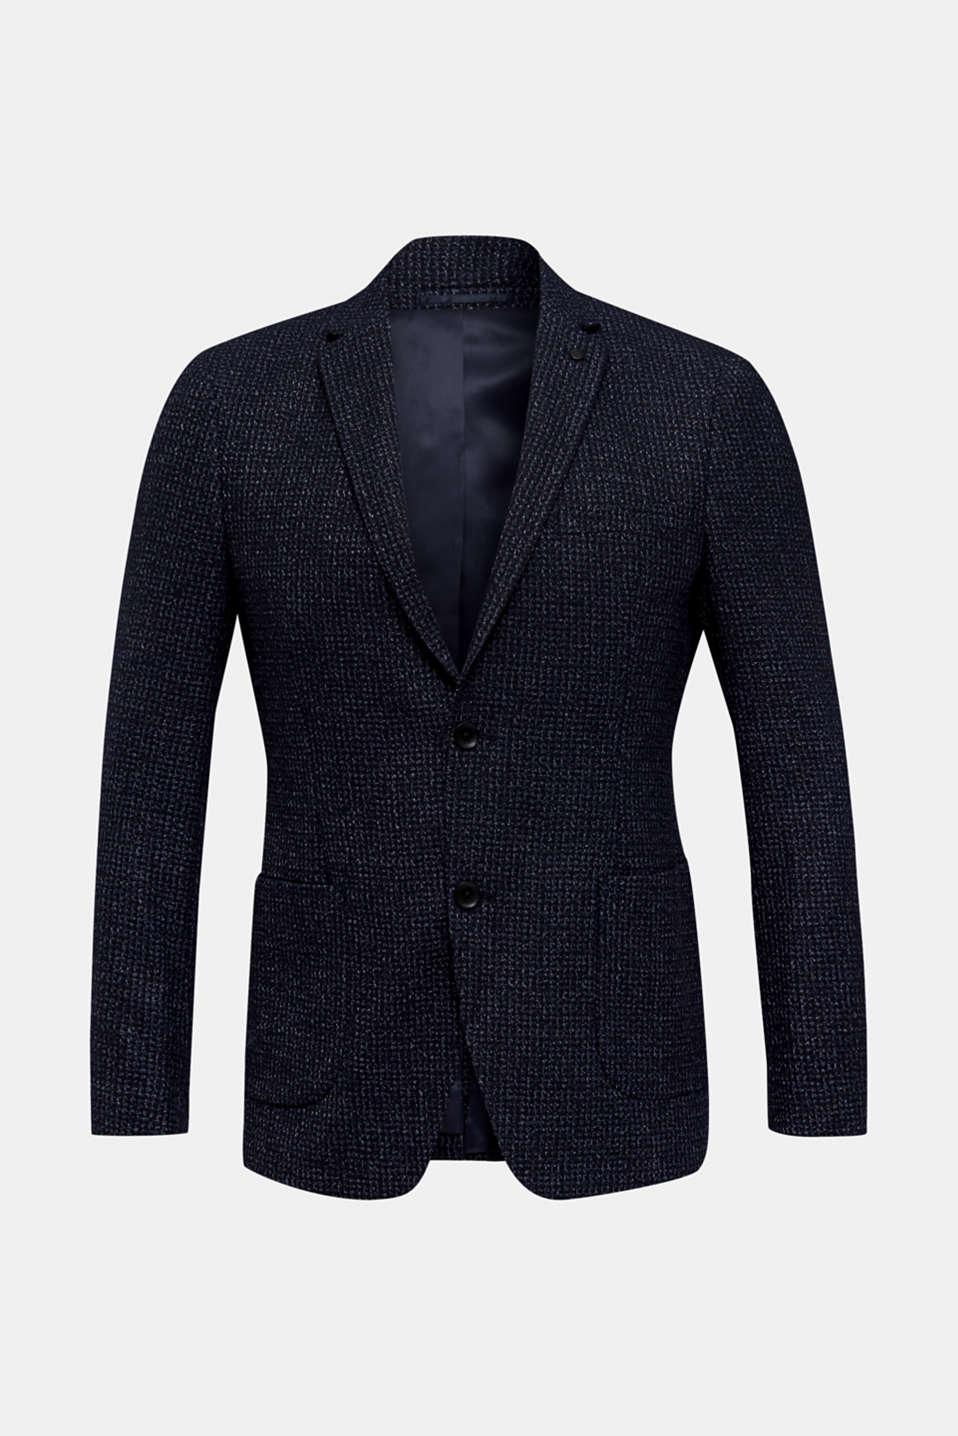 Blended wool: melange jacket, DARK BLUE 5, detail image number 6